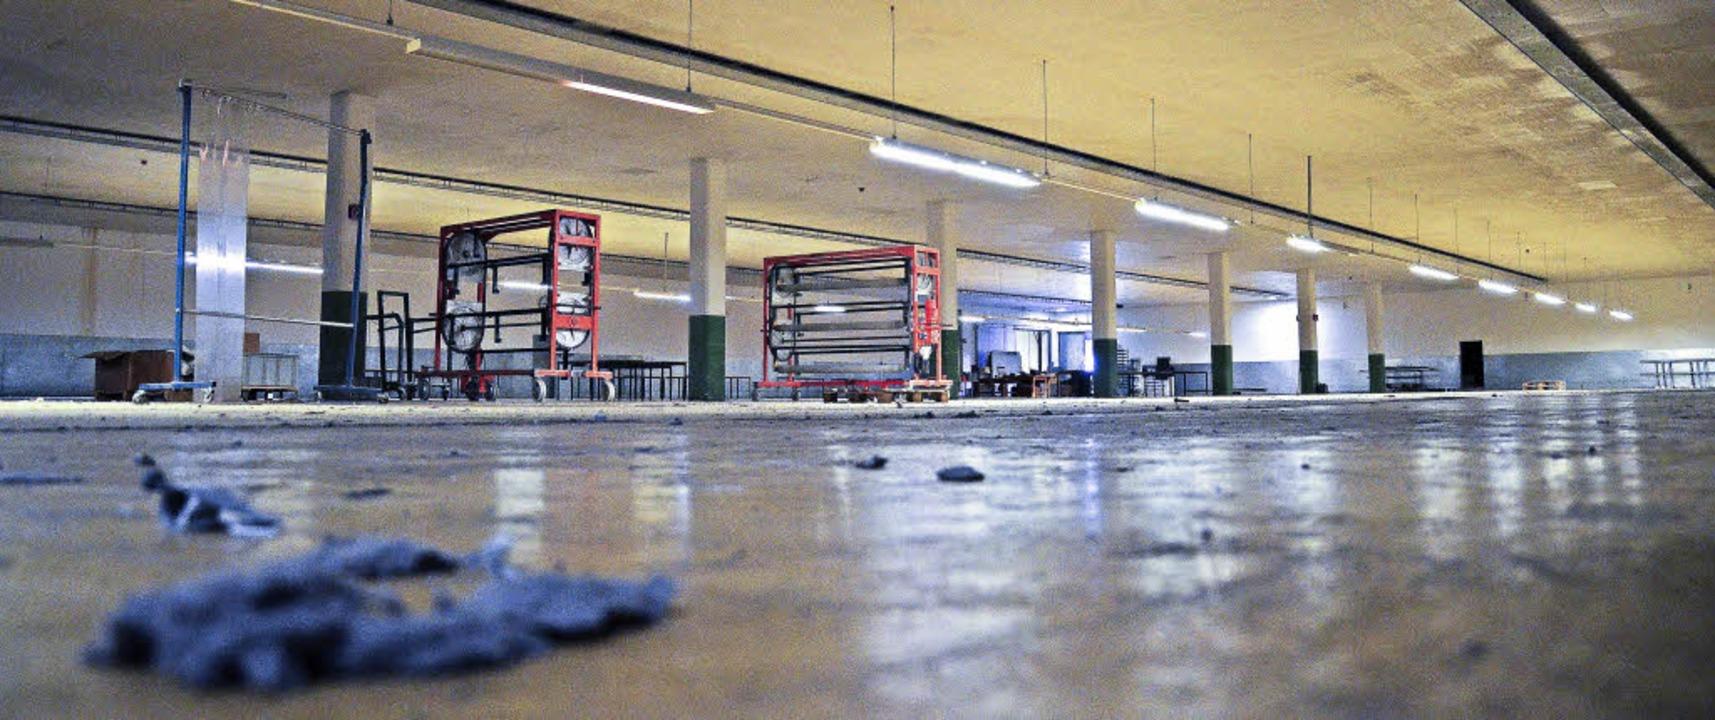 Gespenstisch leer sind die Fabrikhallen.   | Foto: Erika Bader